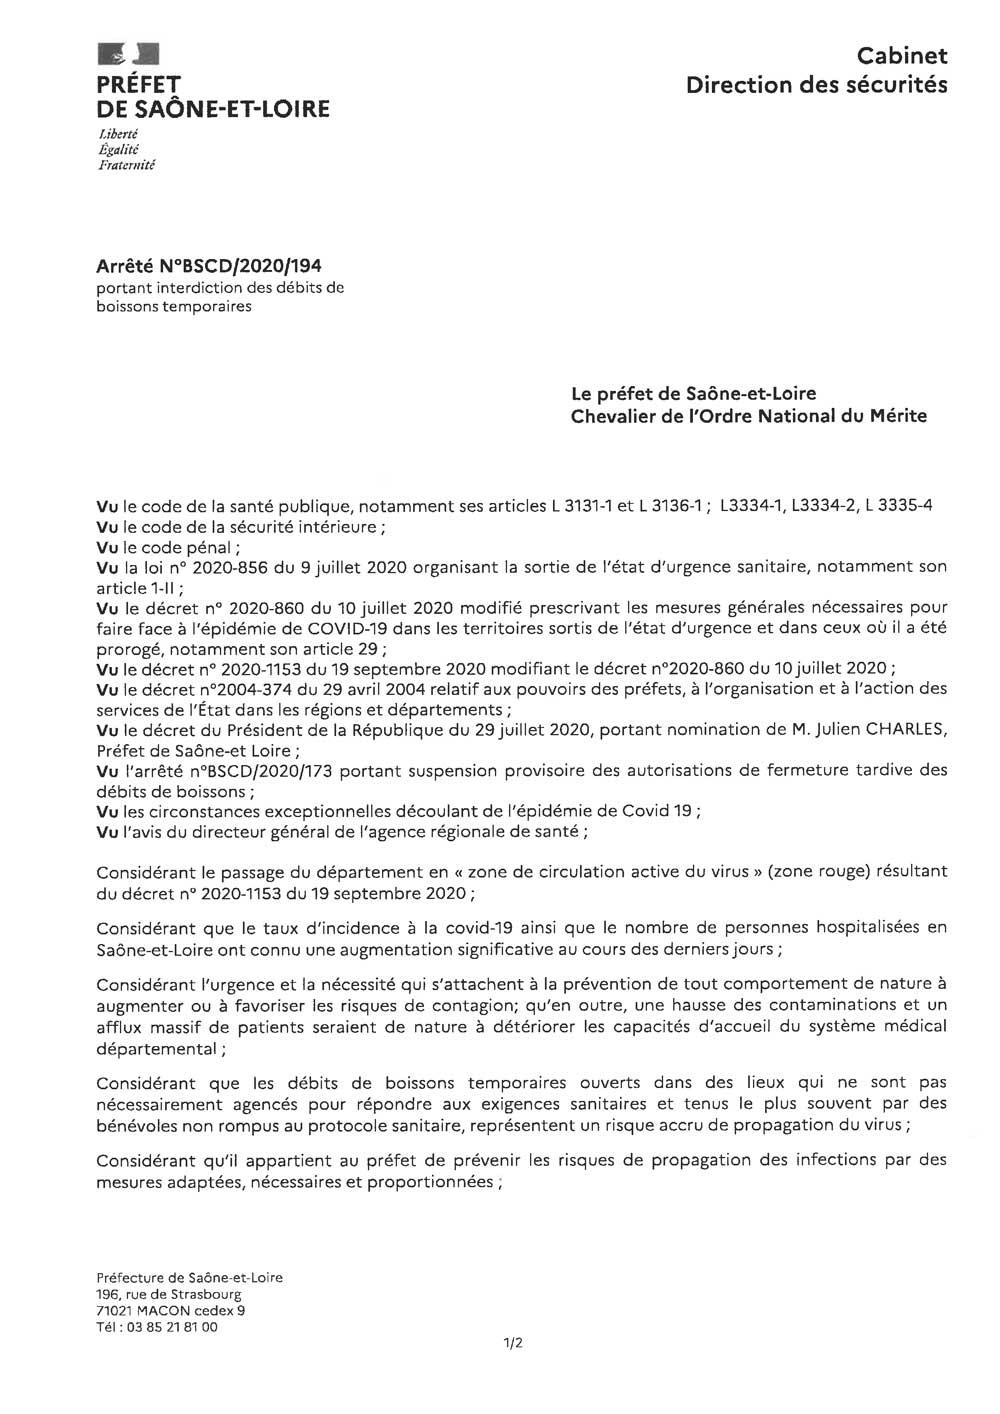 Arrêté préfectoral du 9 octobre 2020 portant sur l'interdiction des débits de boissons temporaires